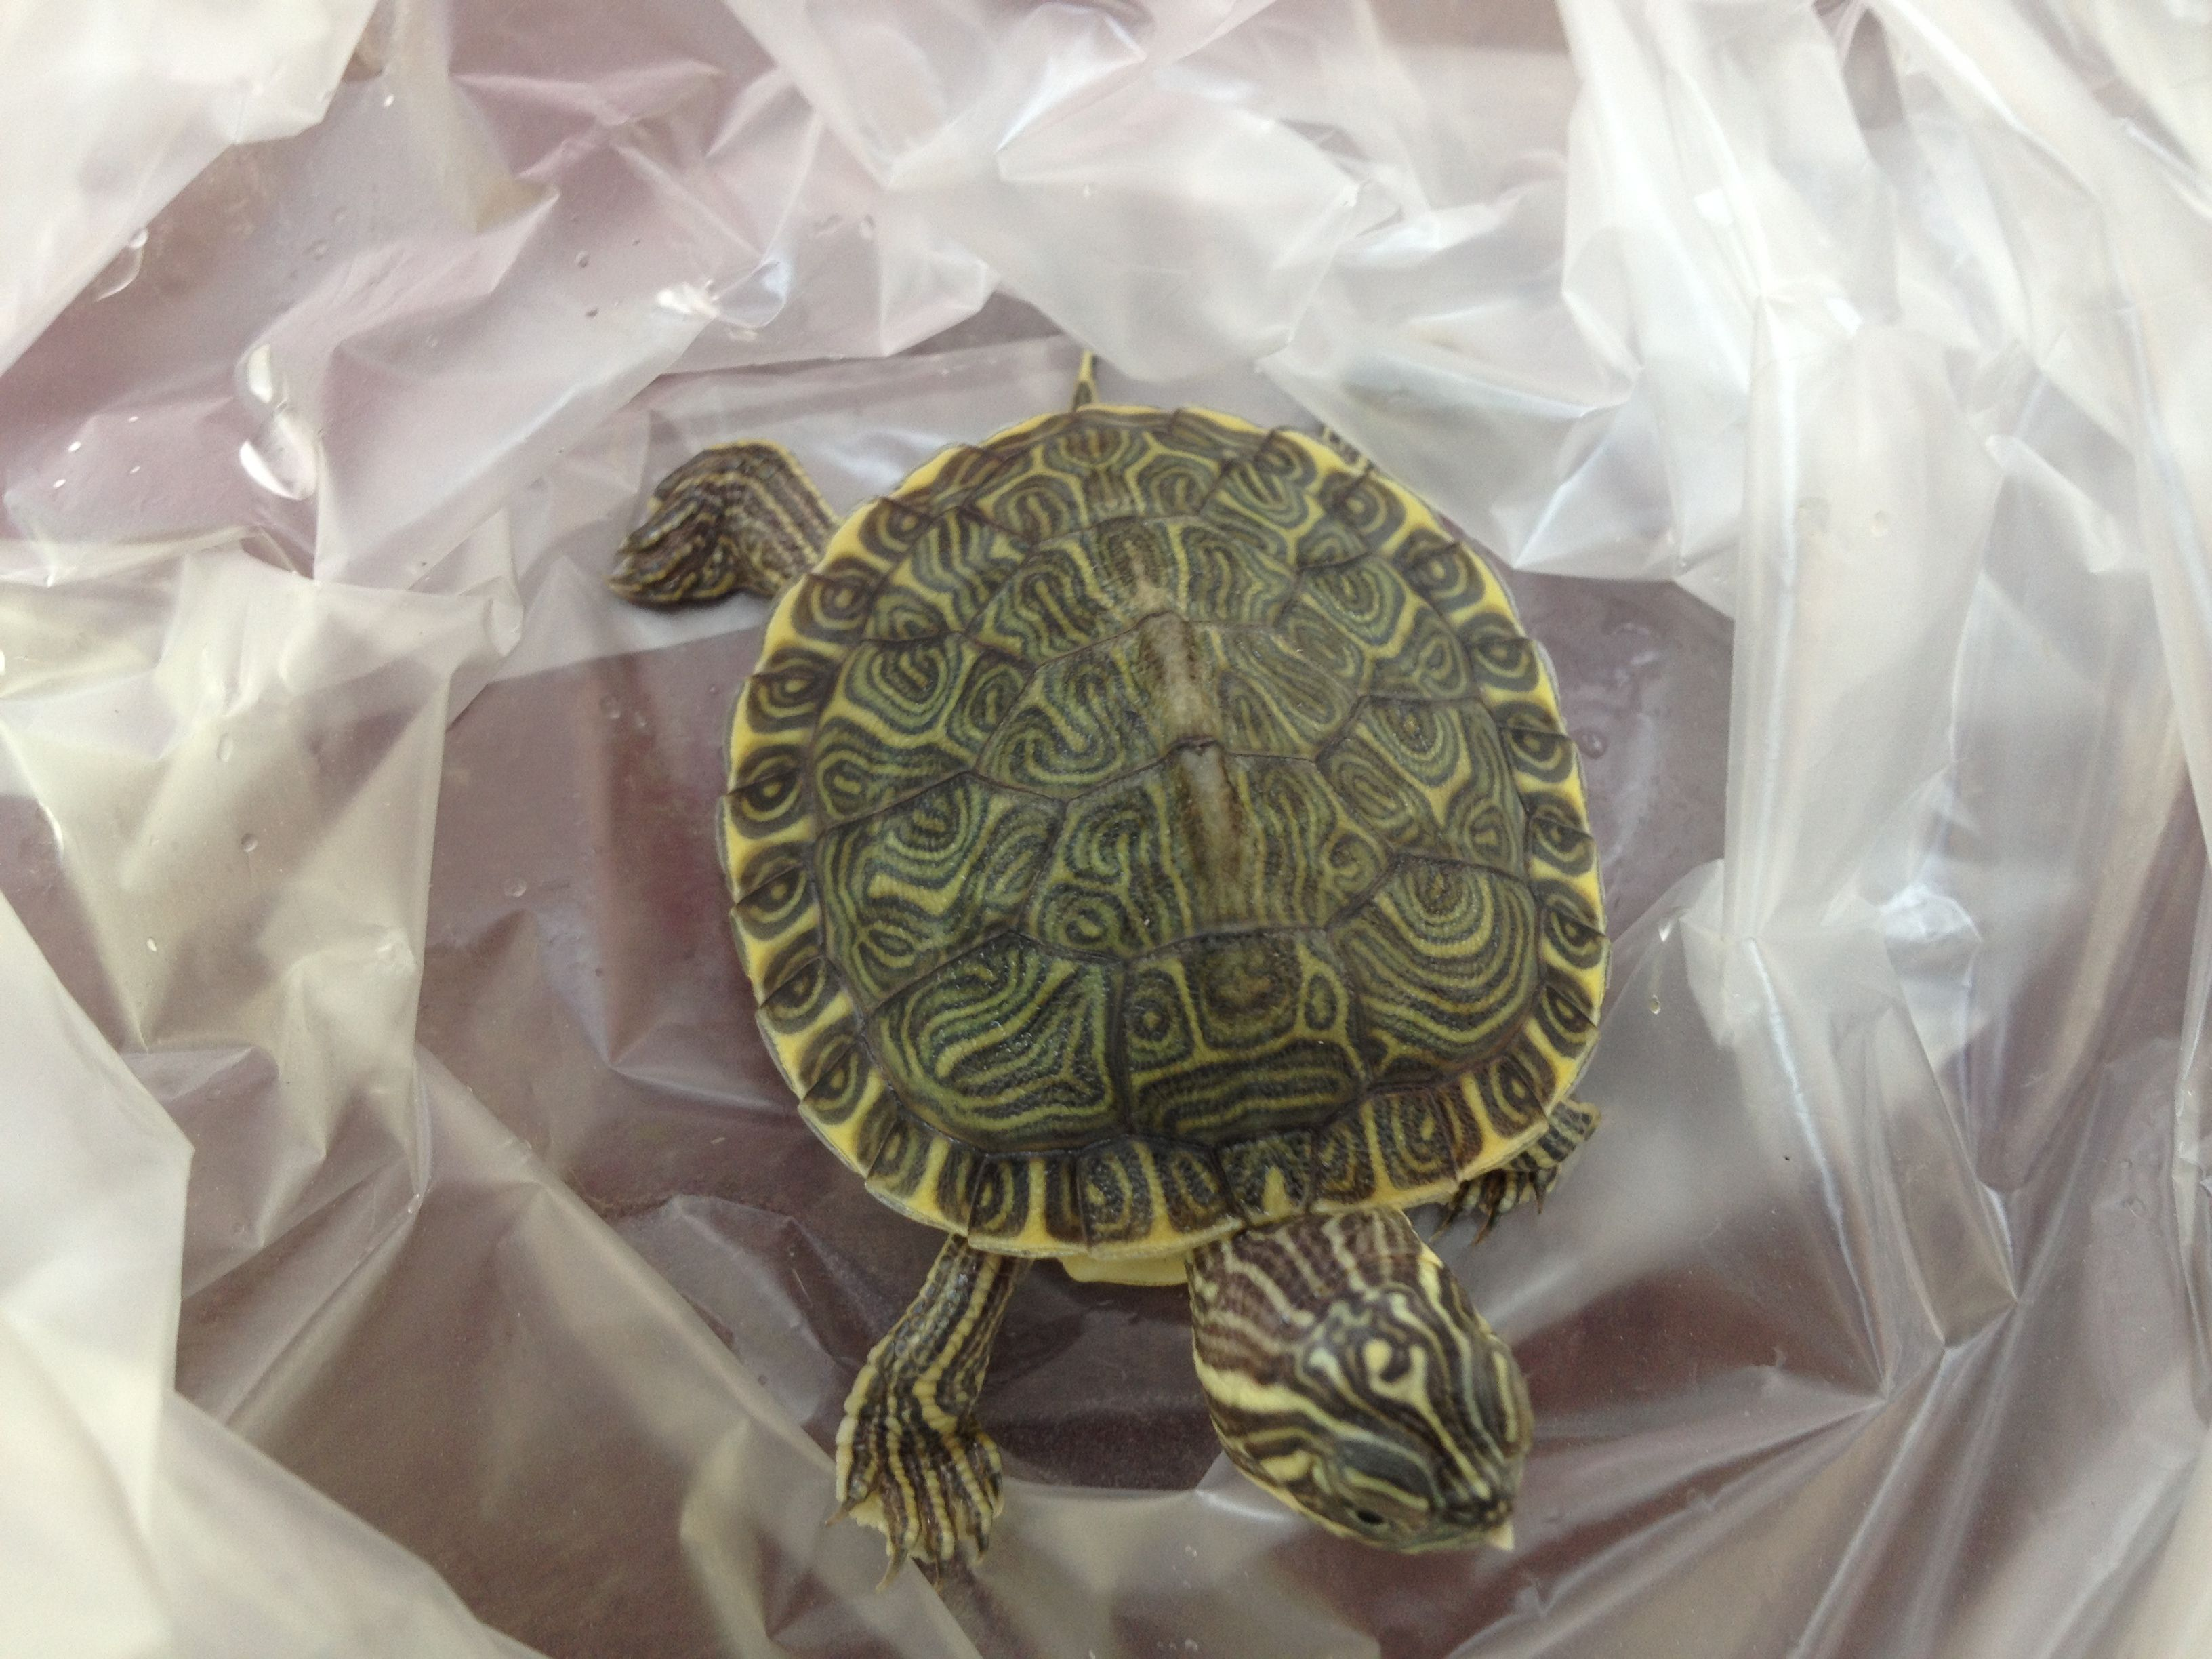 佛州甜甜圈龟是水龟吗 佛州甜甜圈属于水龟还是陆龟